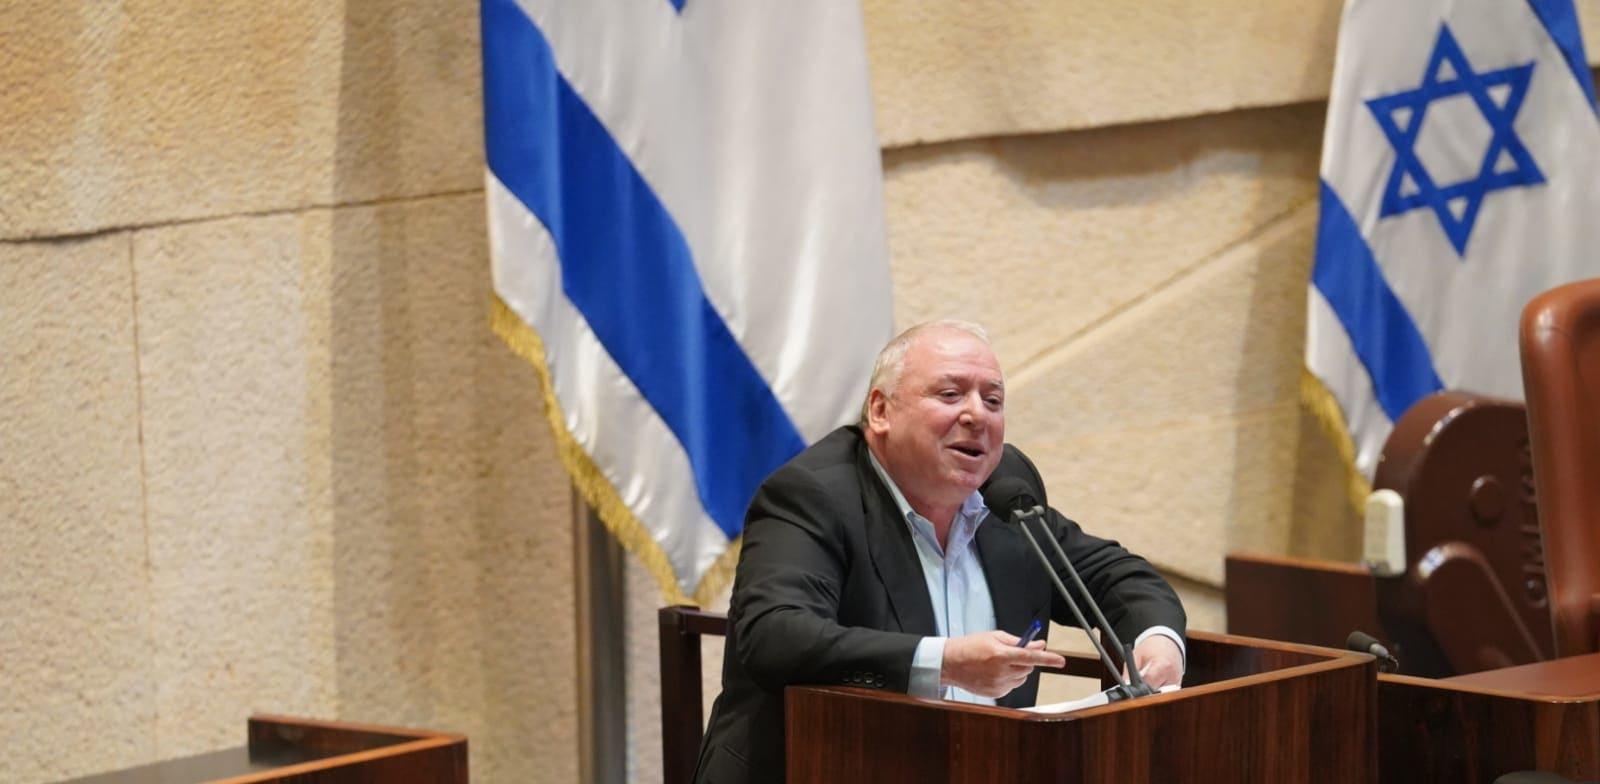 השר דוד אמסלם / צילום: דני שם טוב, דוברות הכנסת